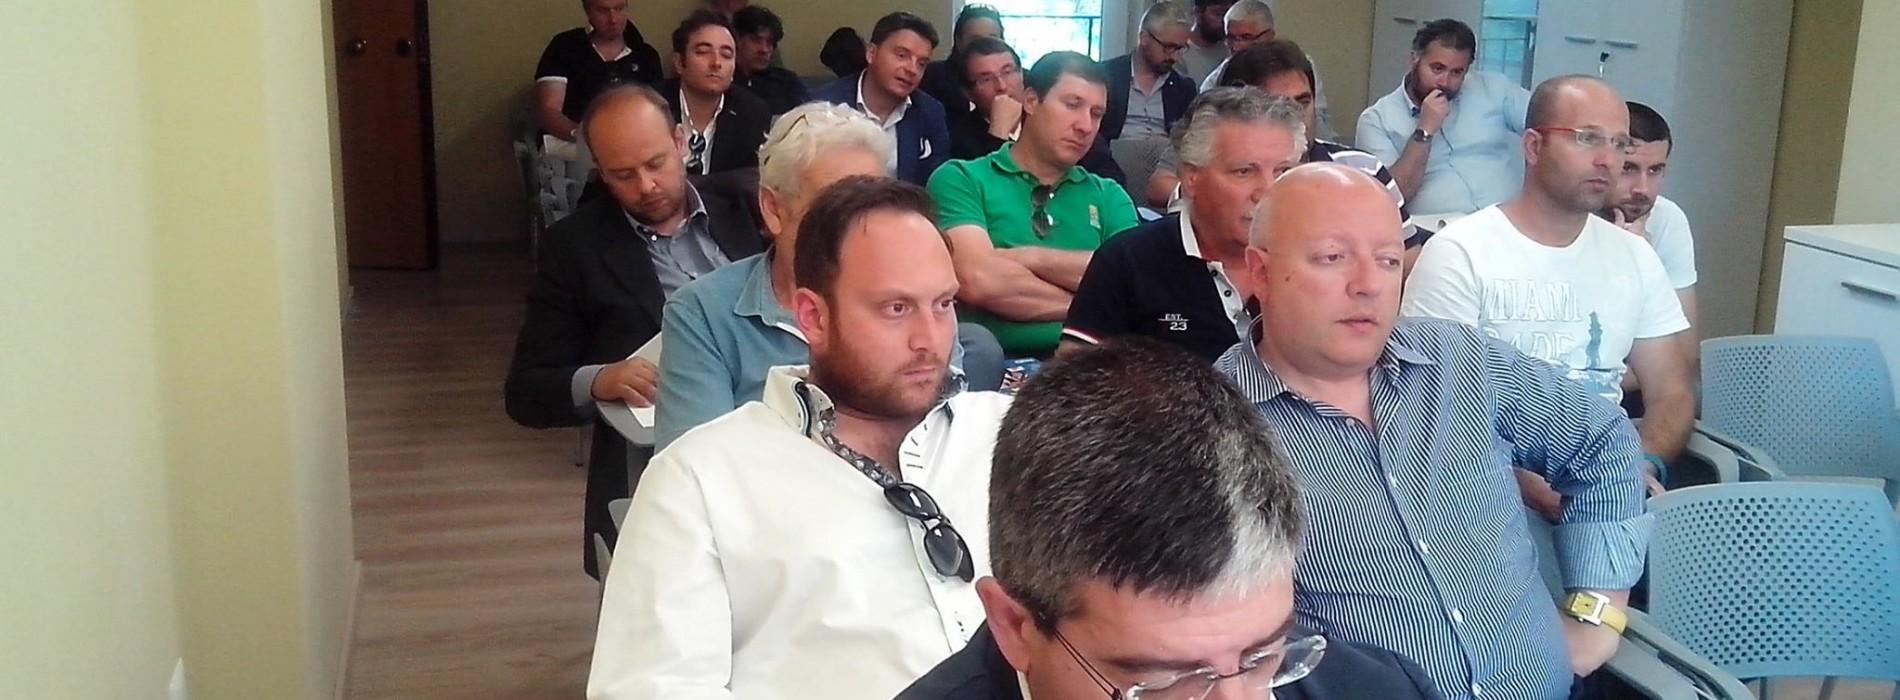 Impianti, incontro al CRB con il Credito Sportivo